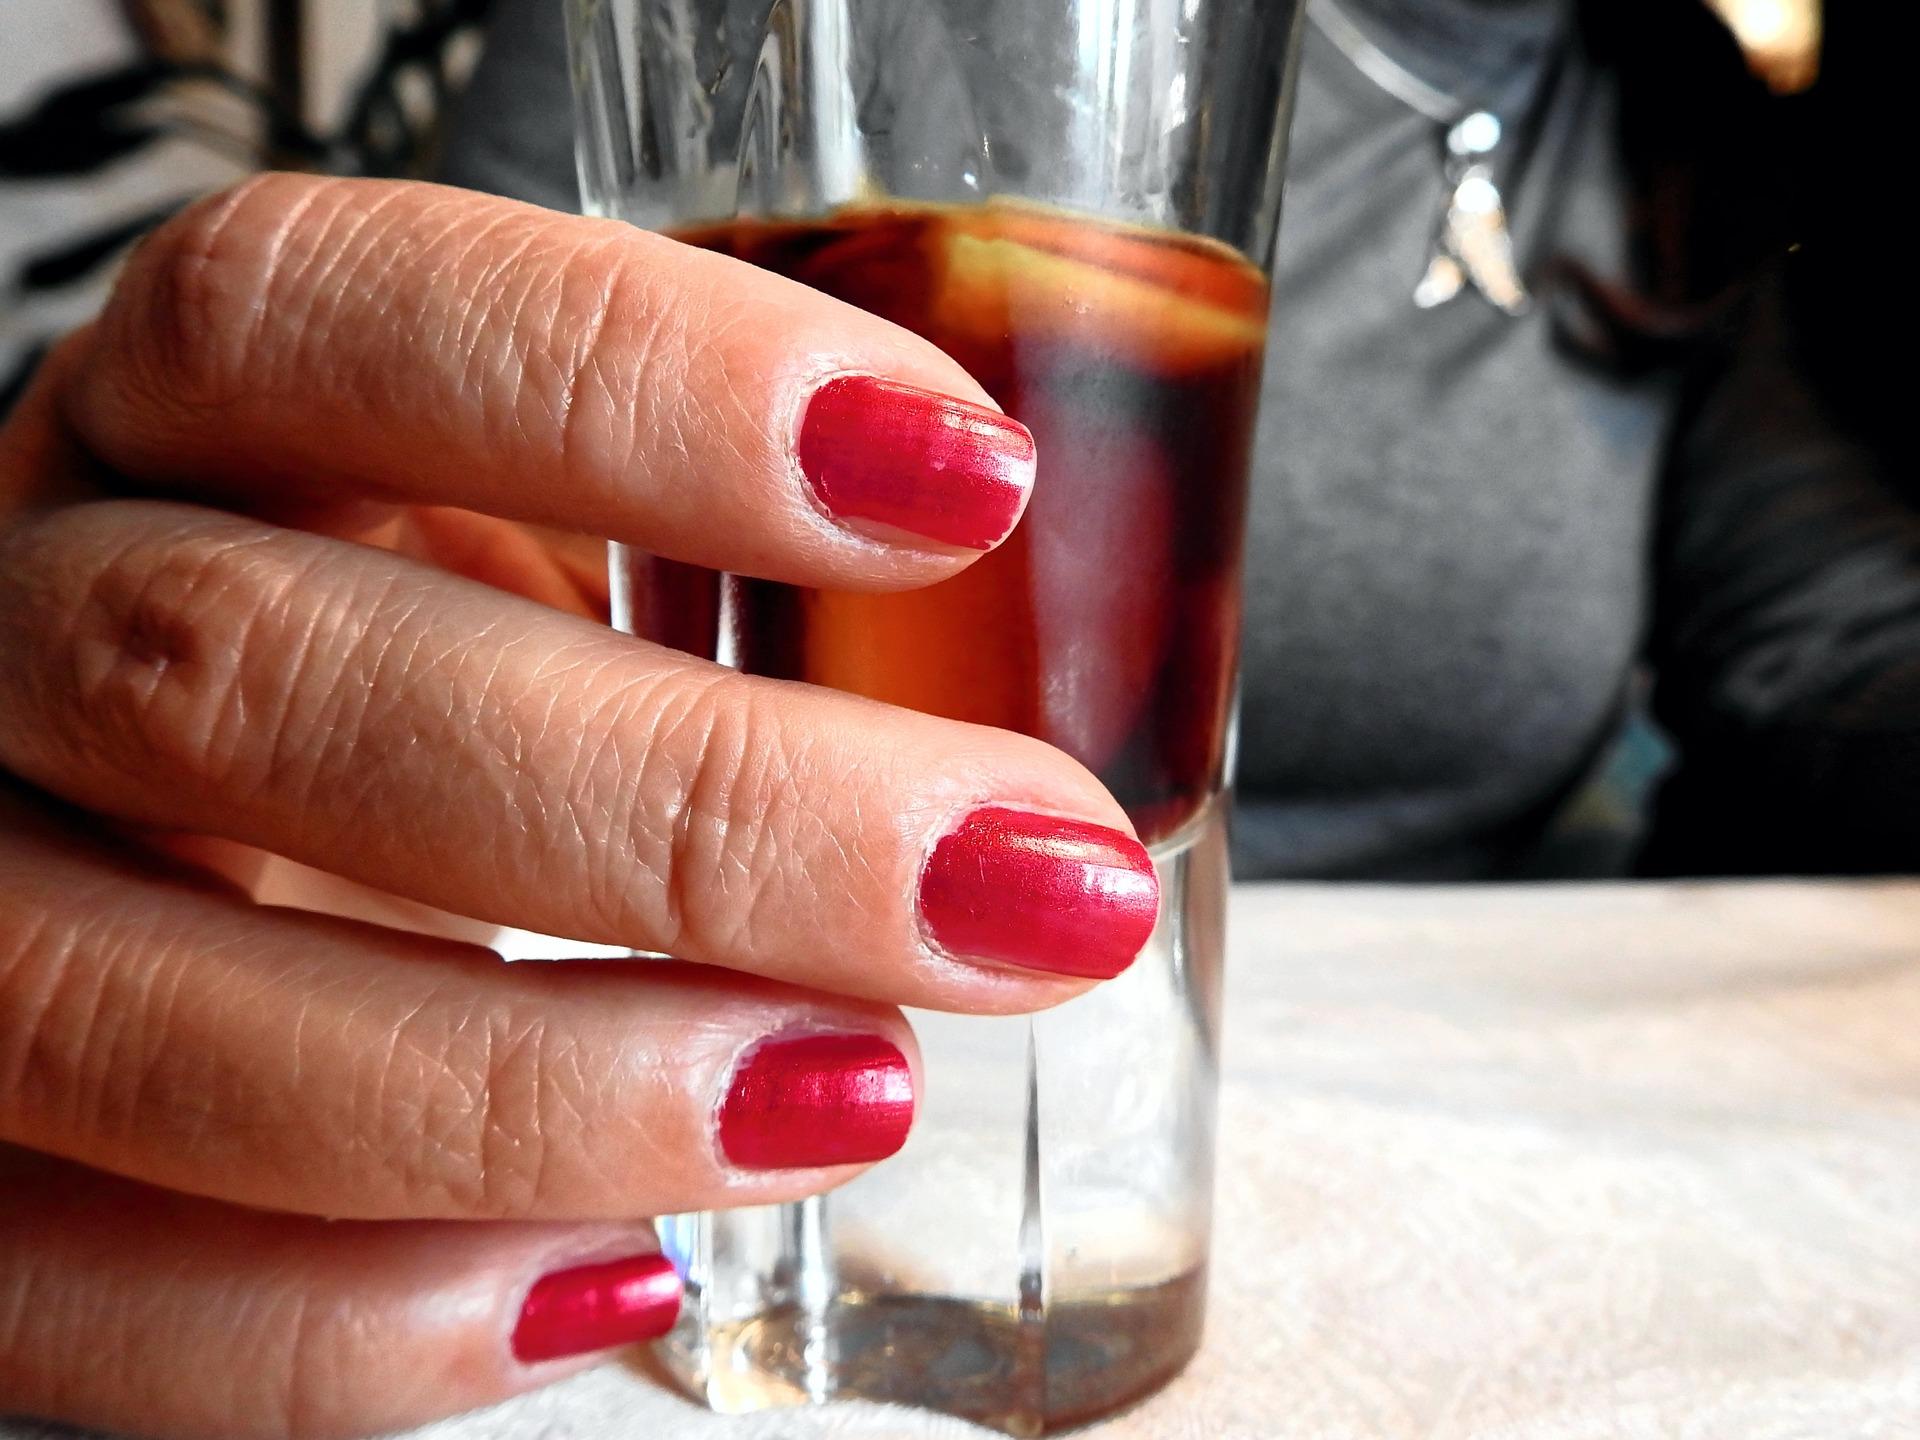 Przecież to nic takiego - kobiecy alkoholizm.